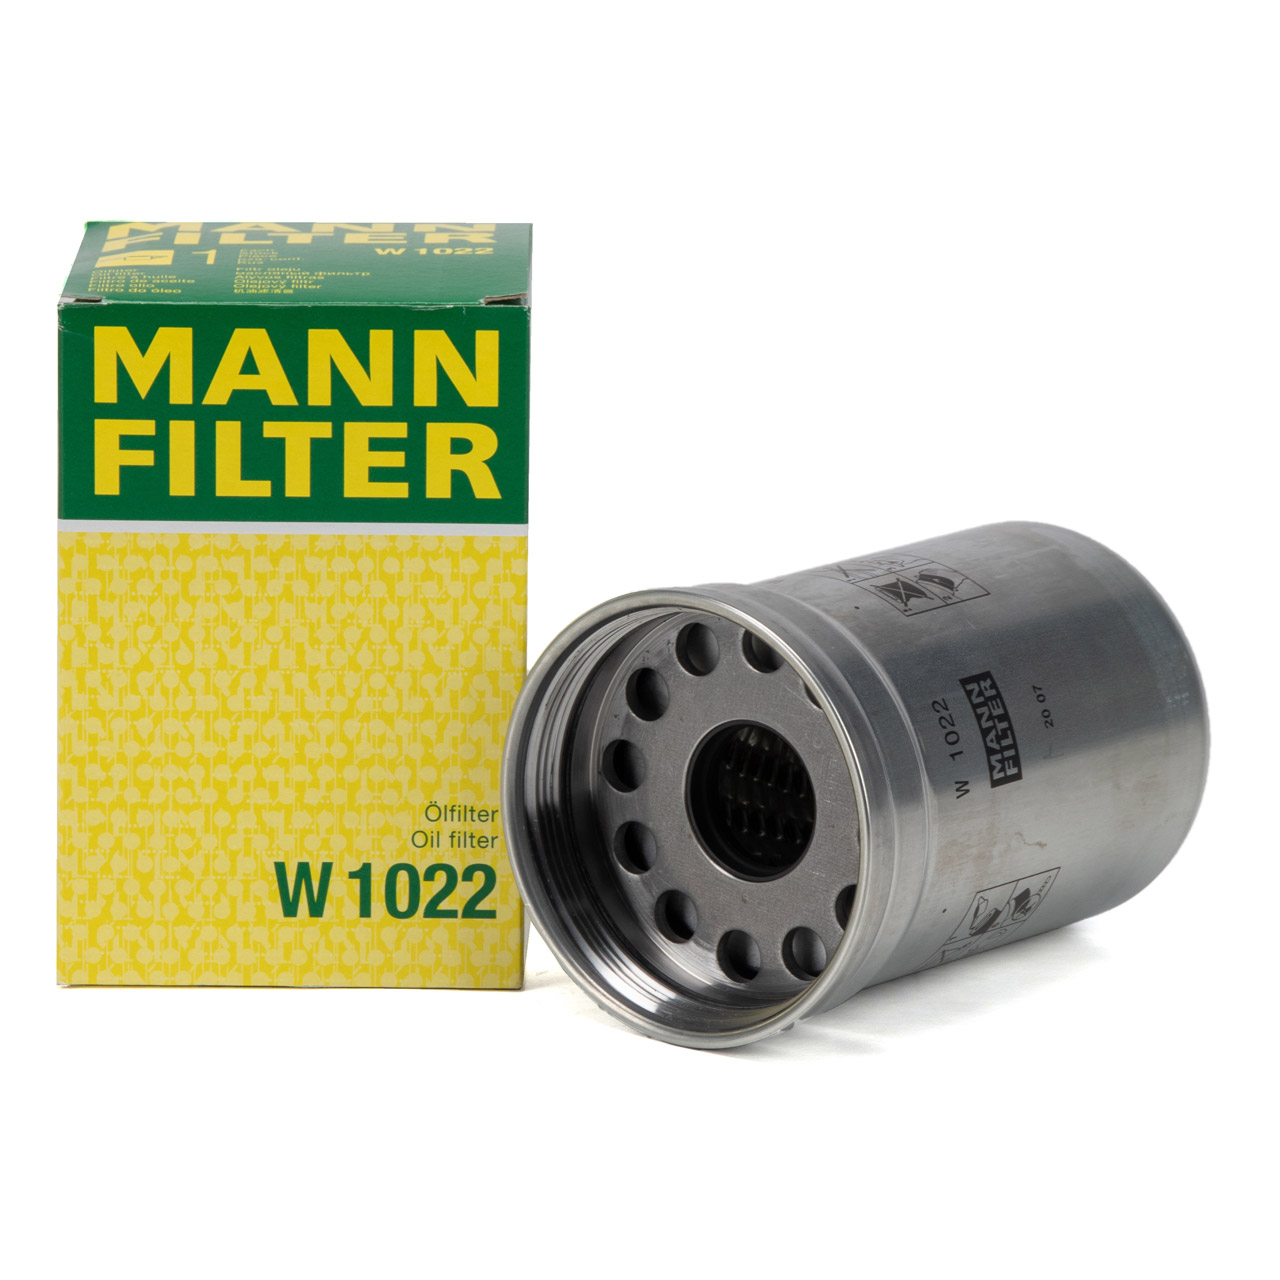 MANN W1022 Ölfilter Motorölfilter JOHN DEERE CLASS Arion 530 540 55 620 630